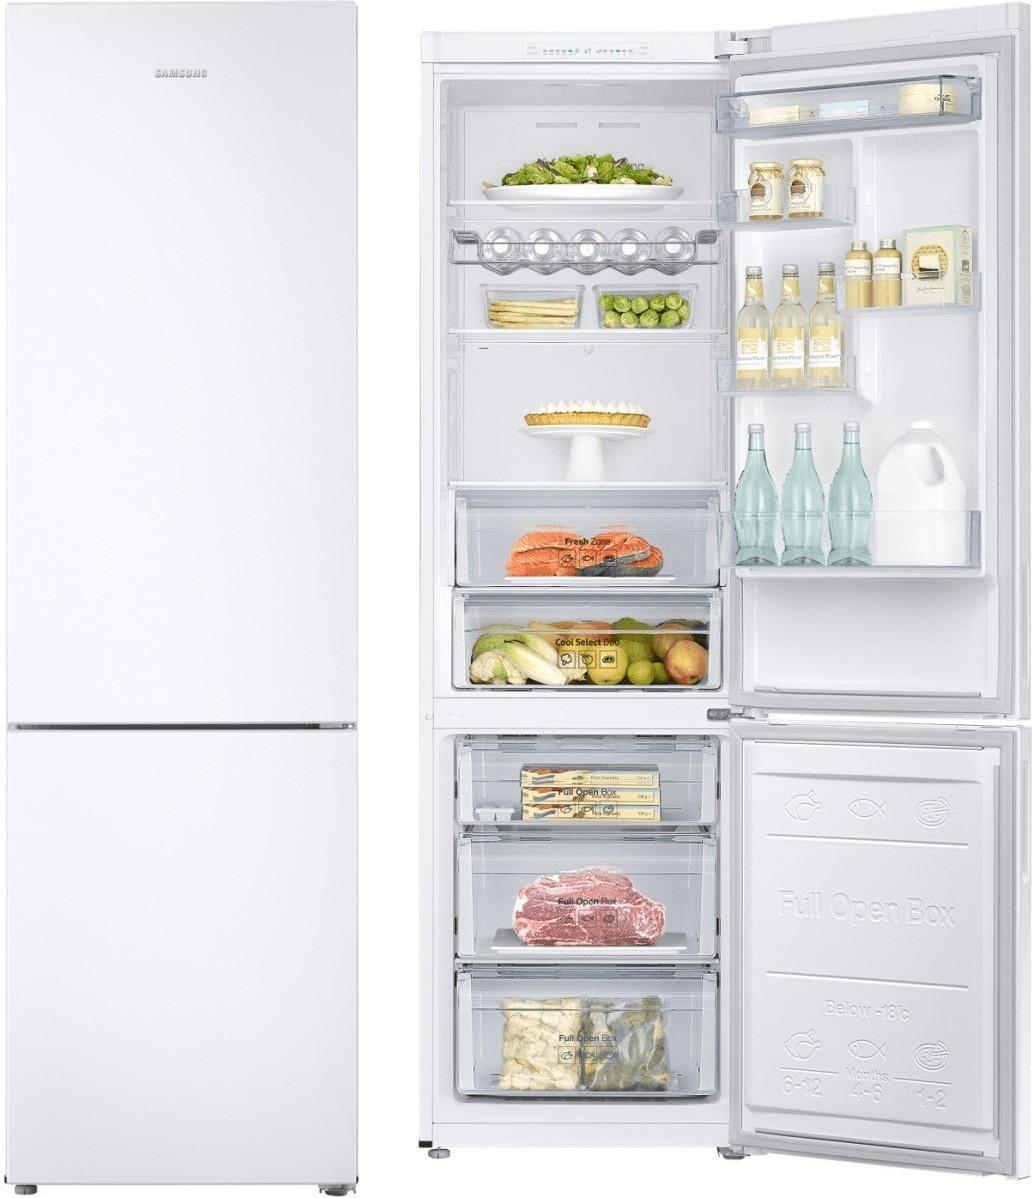 Réfrigérateur-congélateur Samsung RB37J501MWW - froid ventilé, 353 L (255+98), A+++